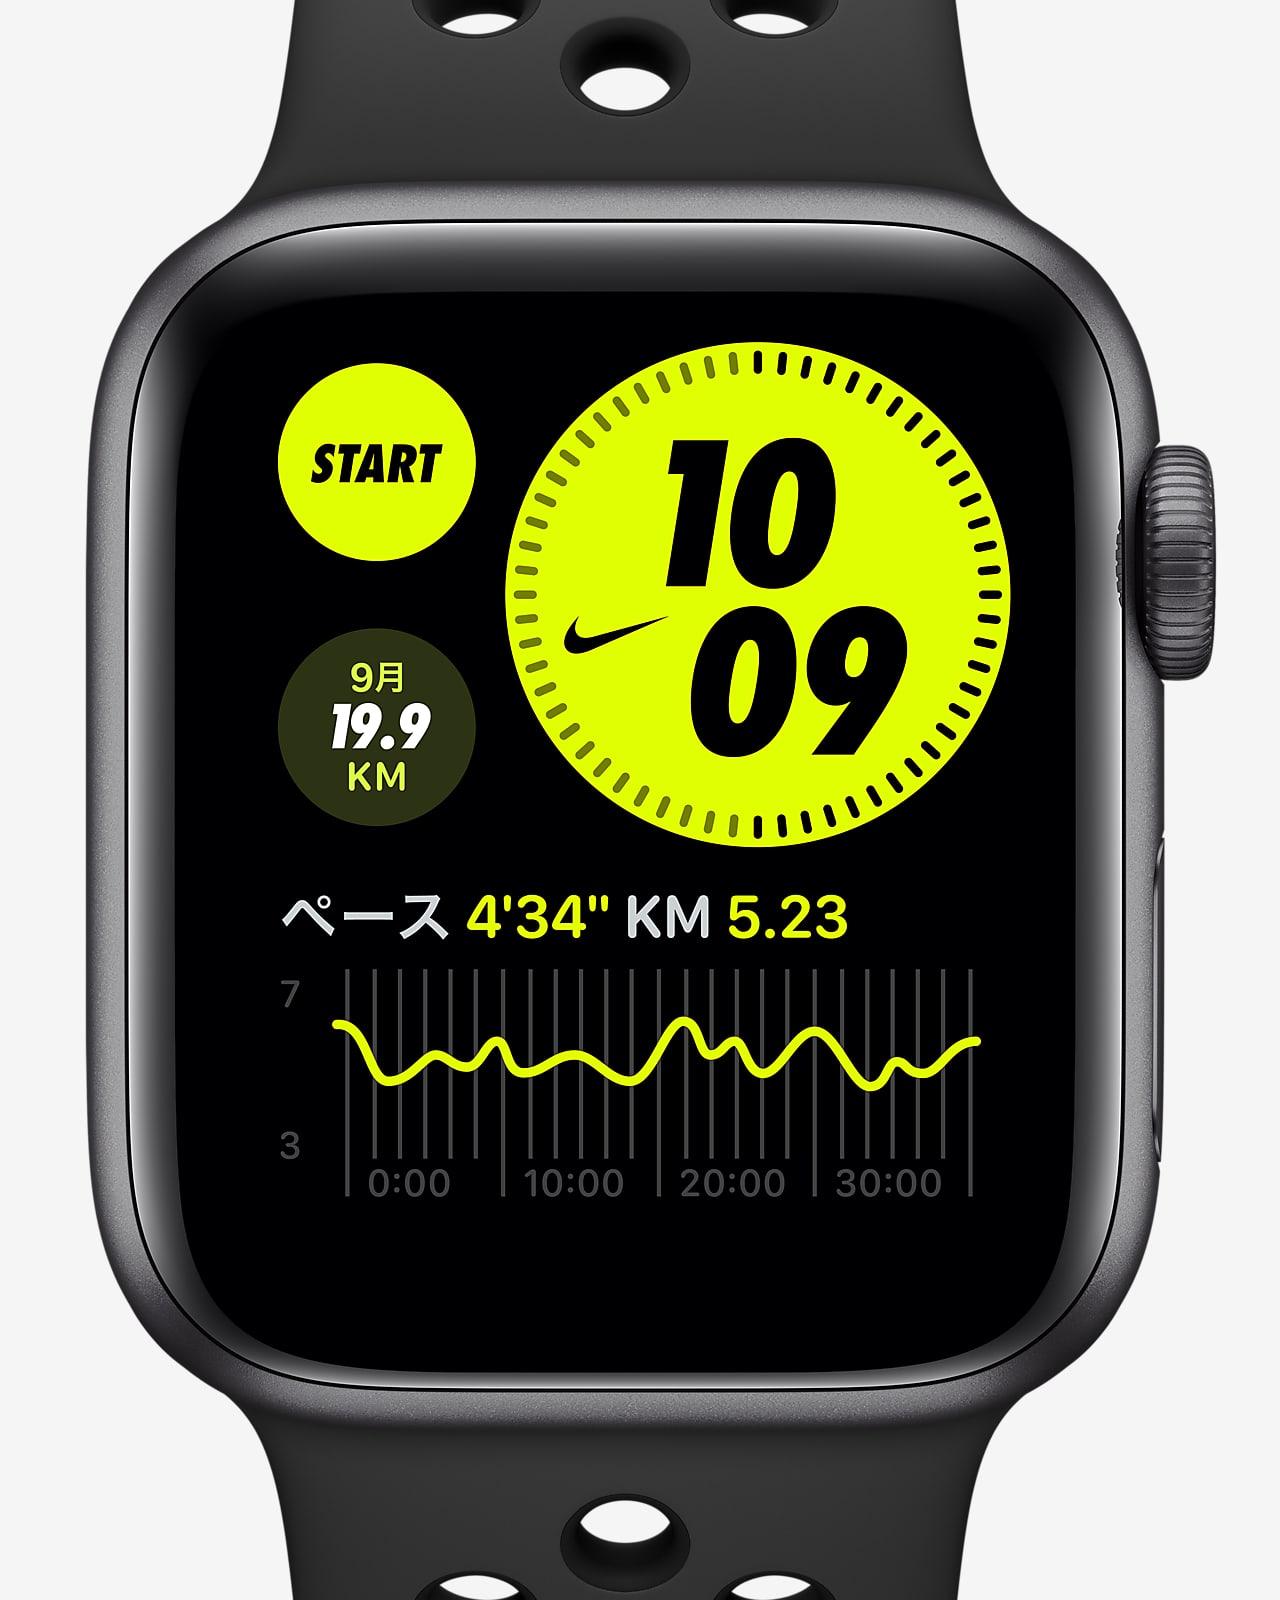 アップル ウォッチ ナイキ シリーズ 6 (GPS) with ナイキ スポーツバンド 44mm スペース グレー アルミニウム ケース